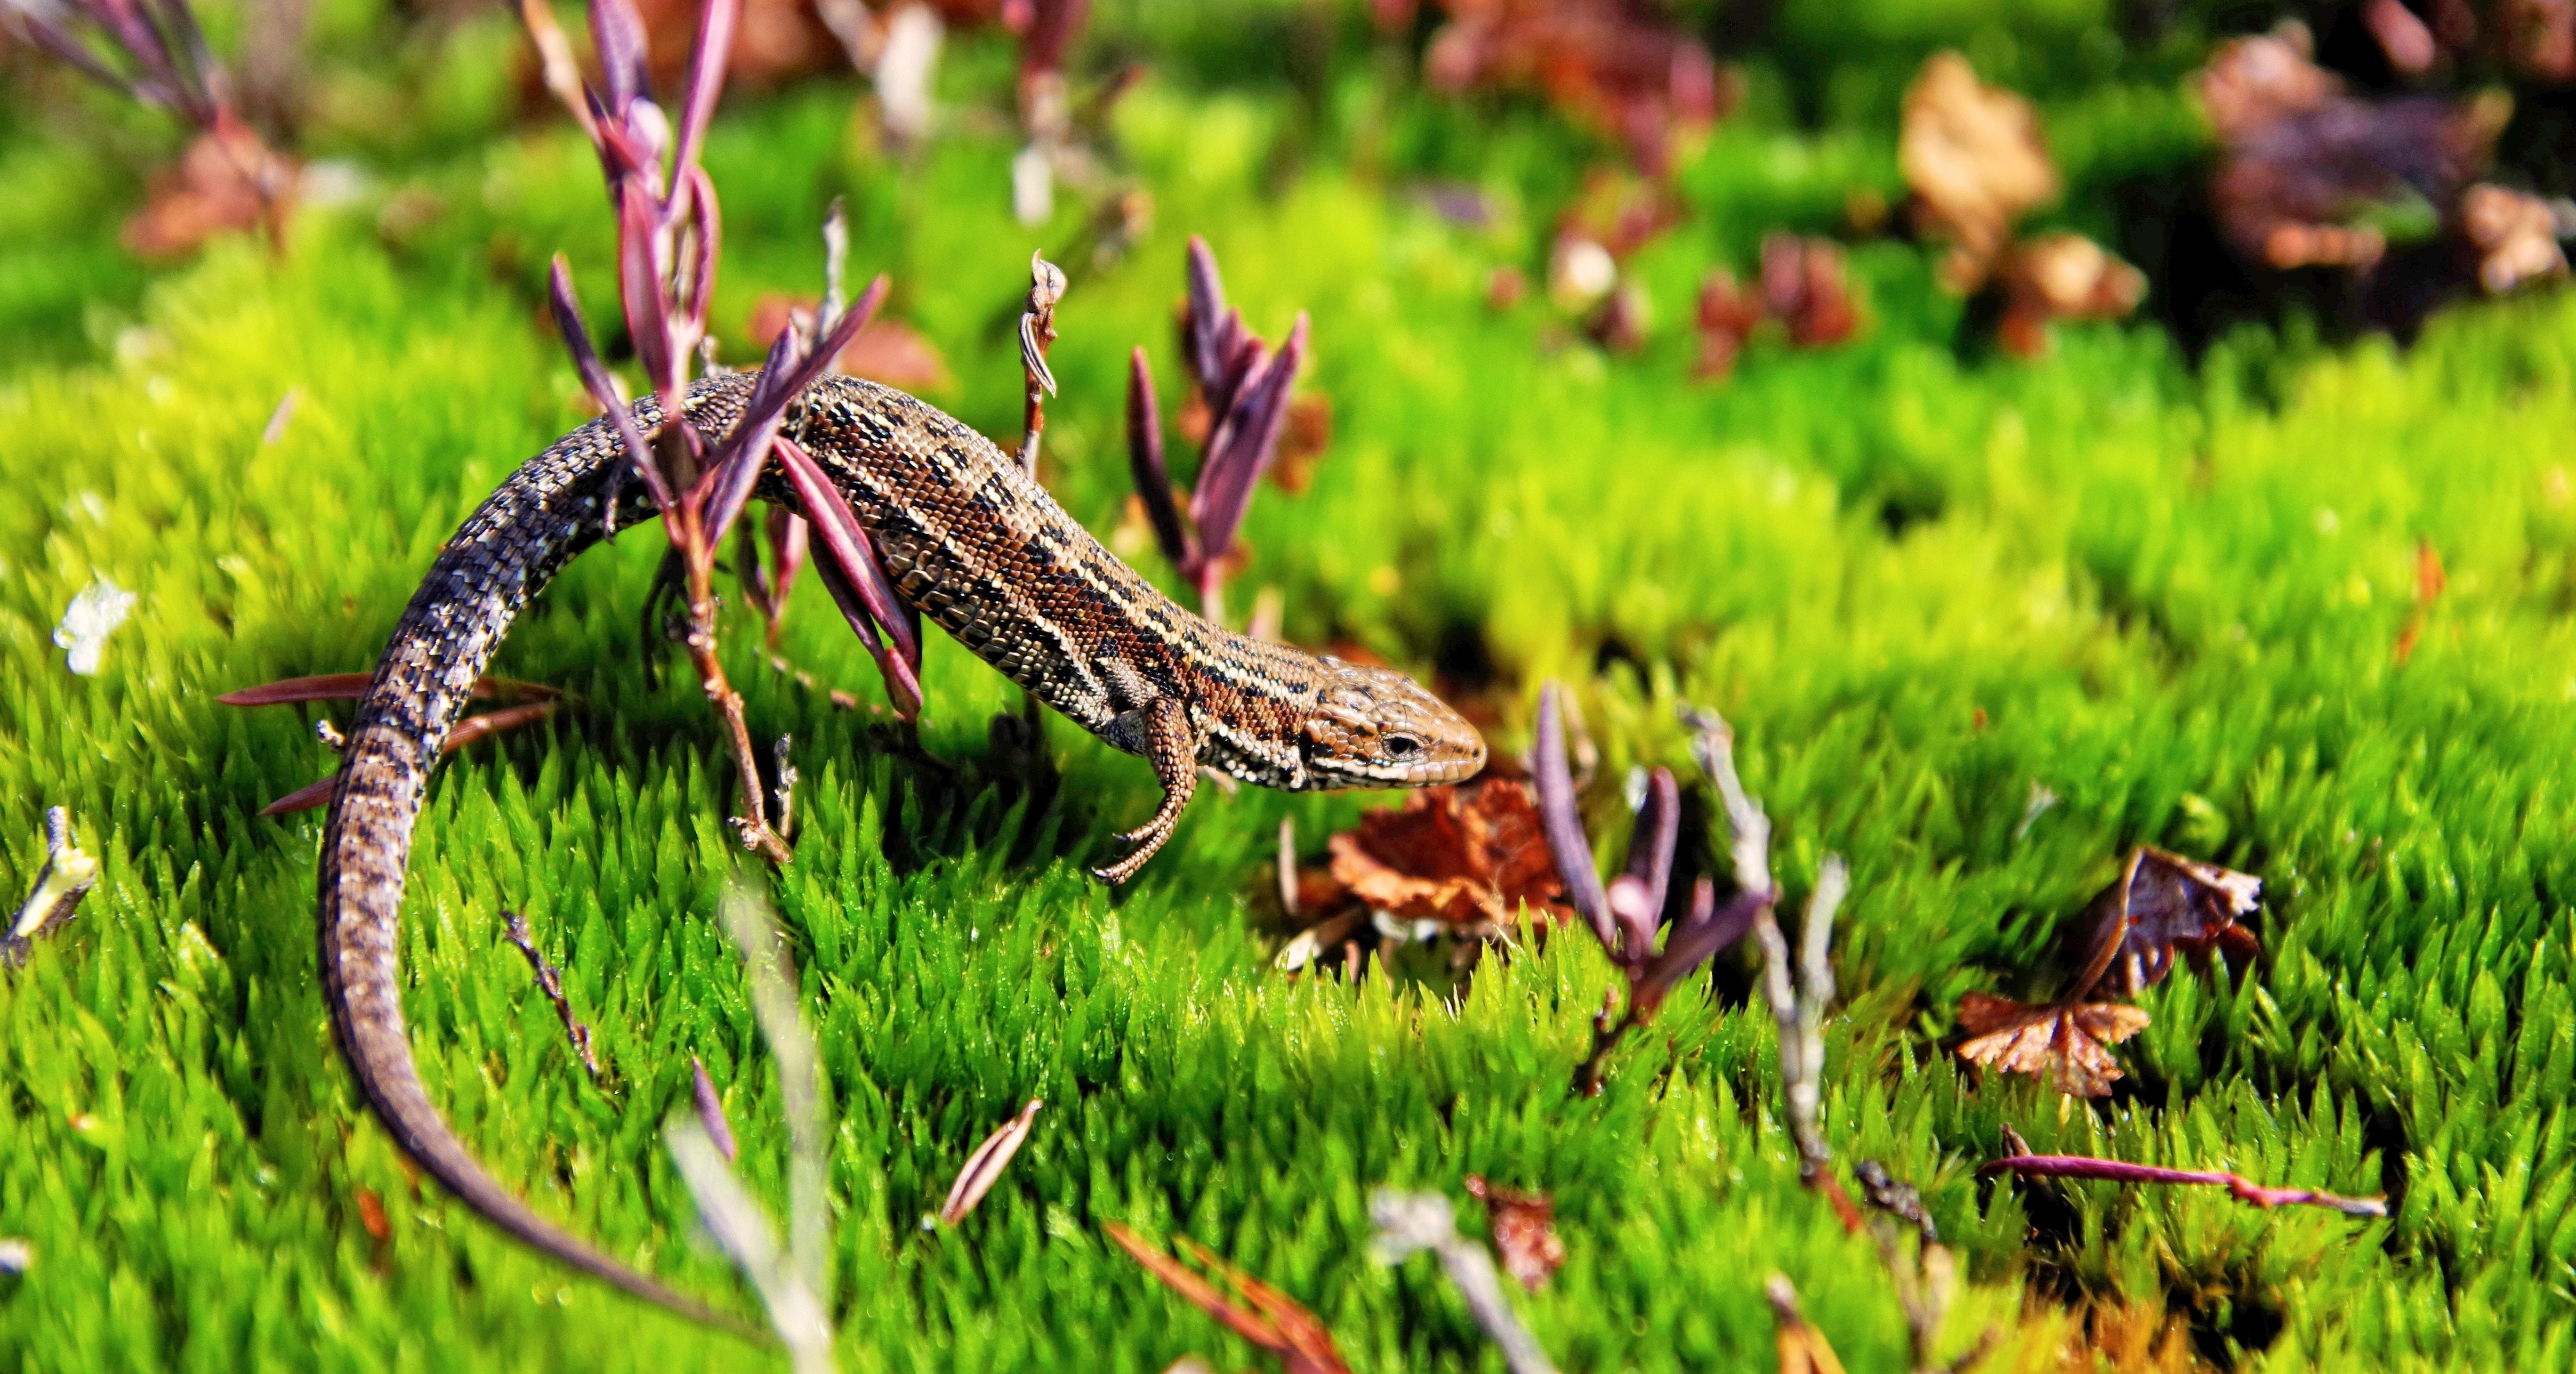 Brown gecko in green open field photo